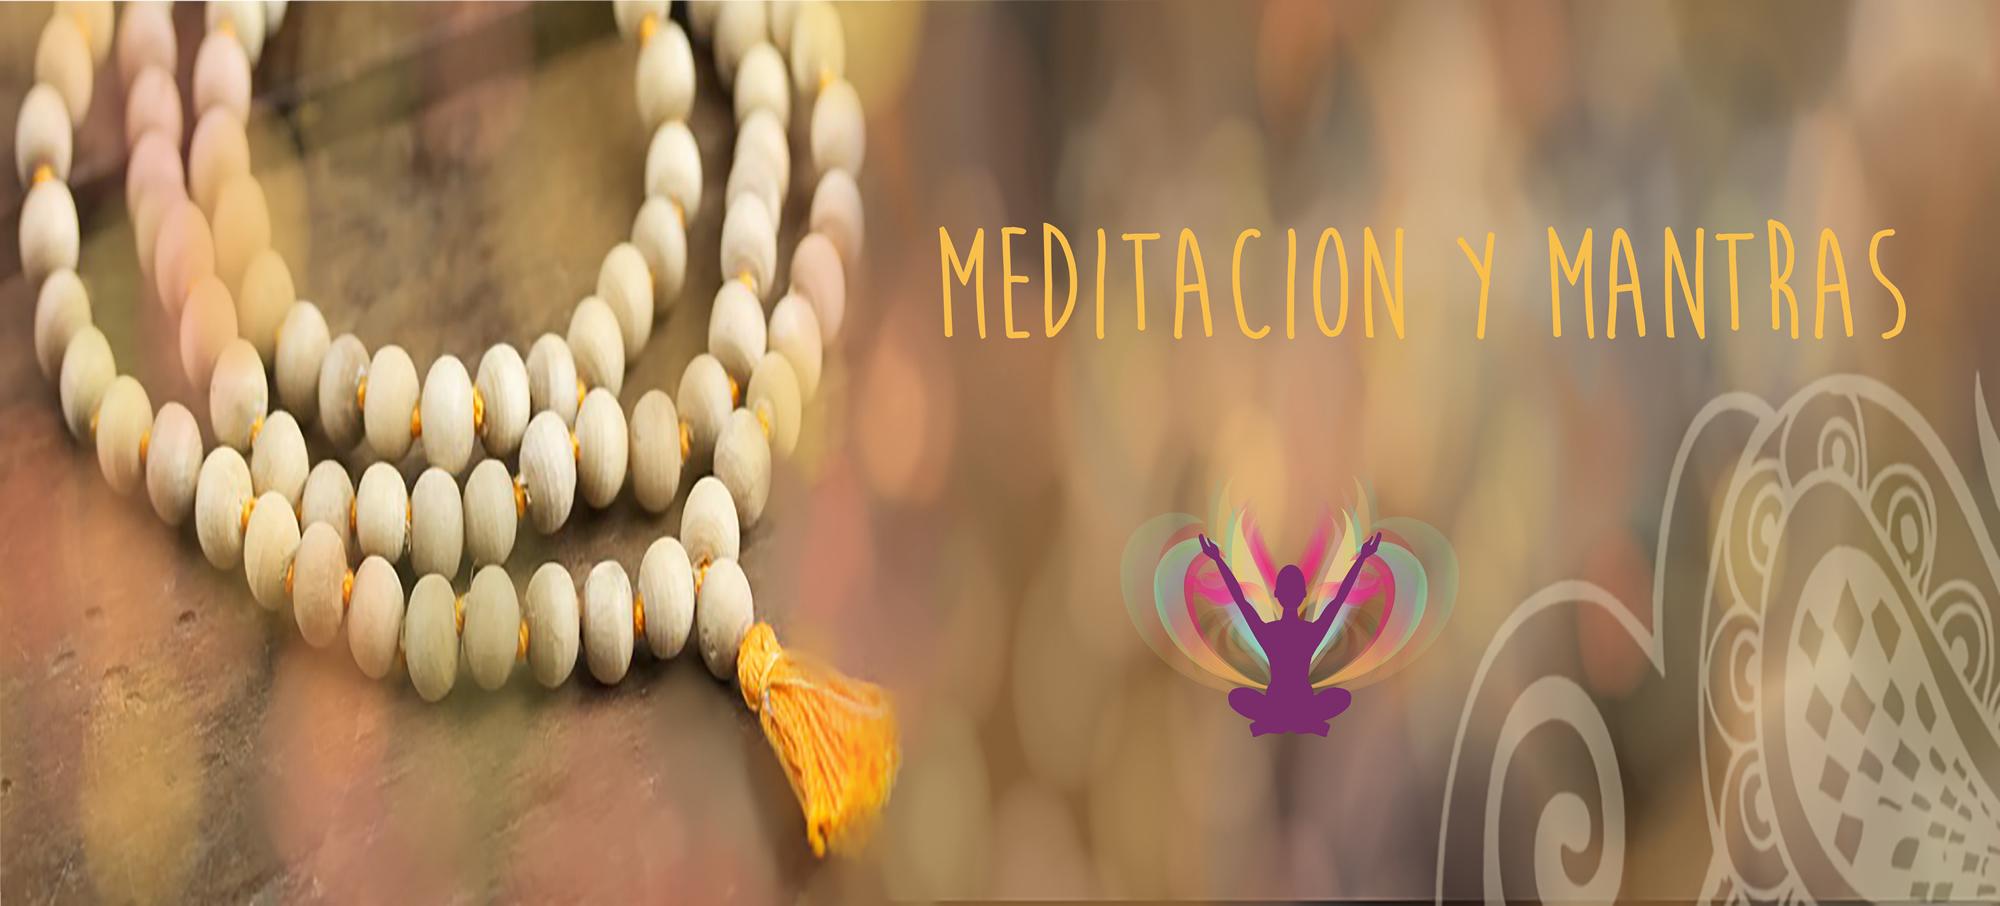 Conoce la meditación, pueden cambiar tu vida positivamente, Mantra y Malas para la meditación.